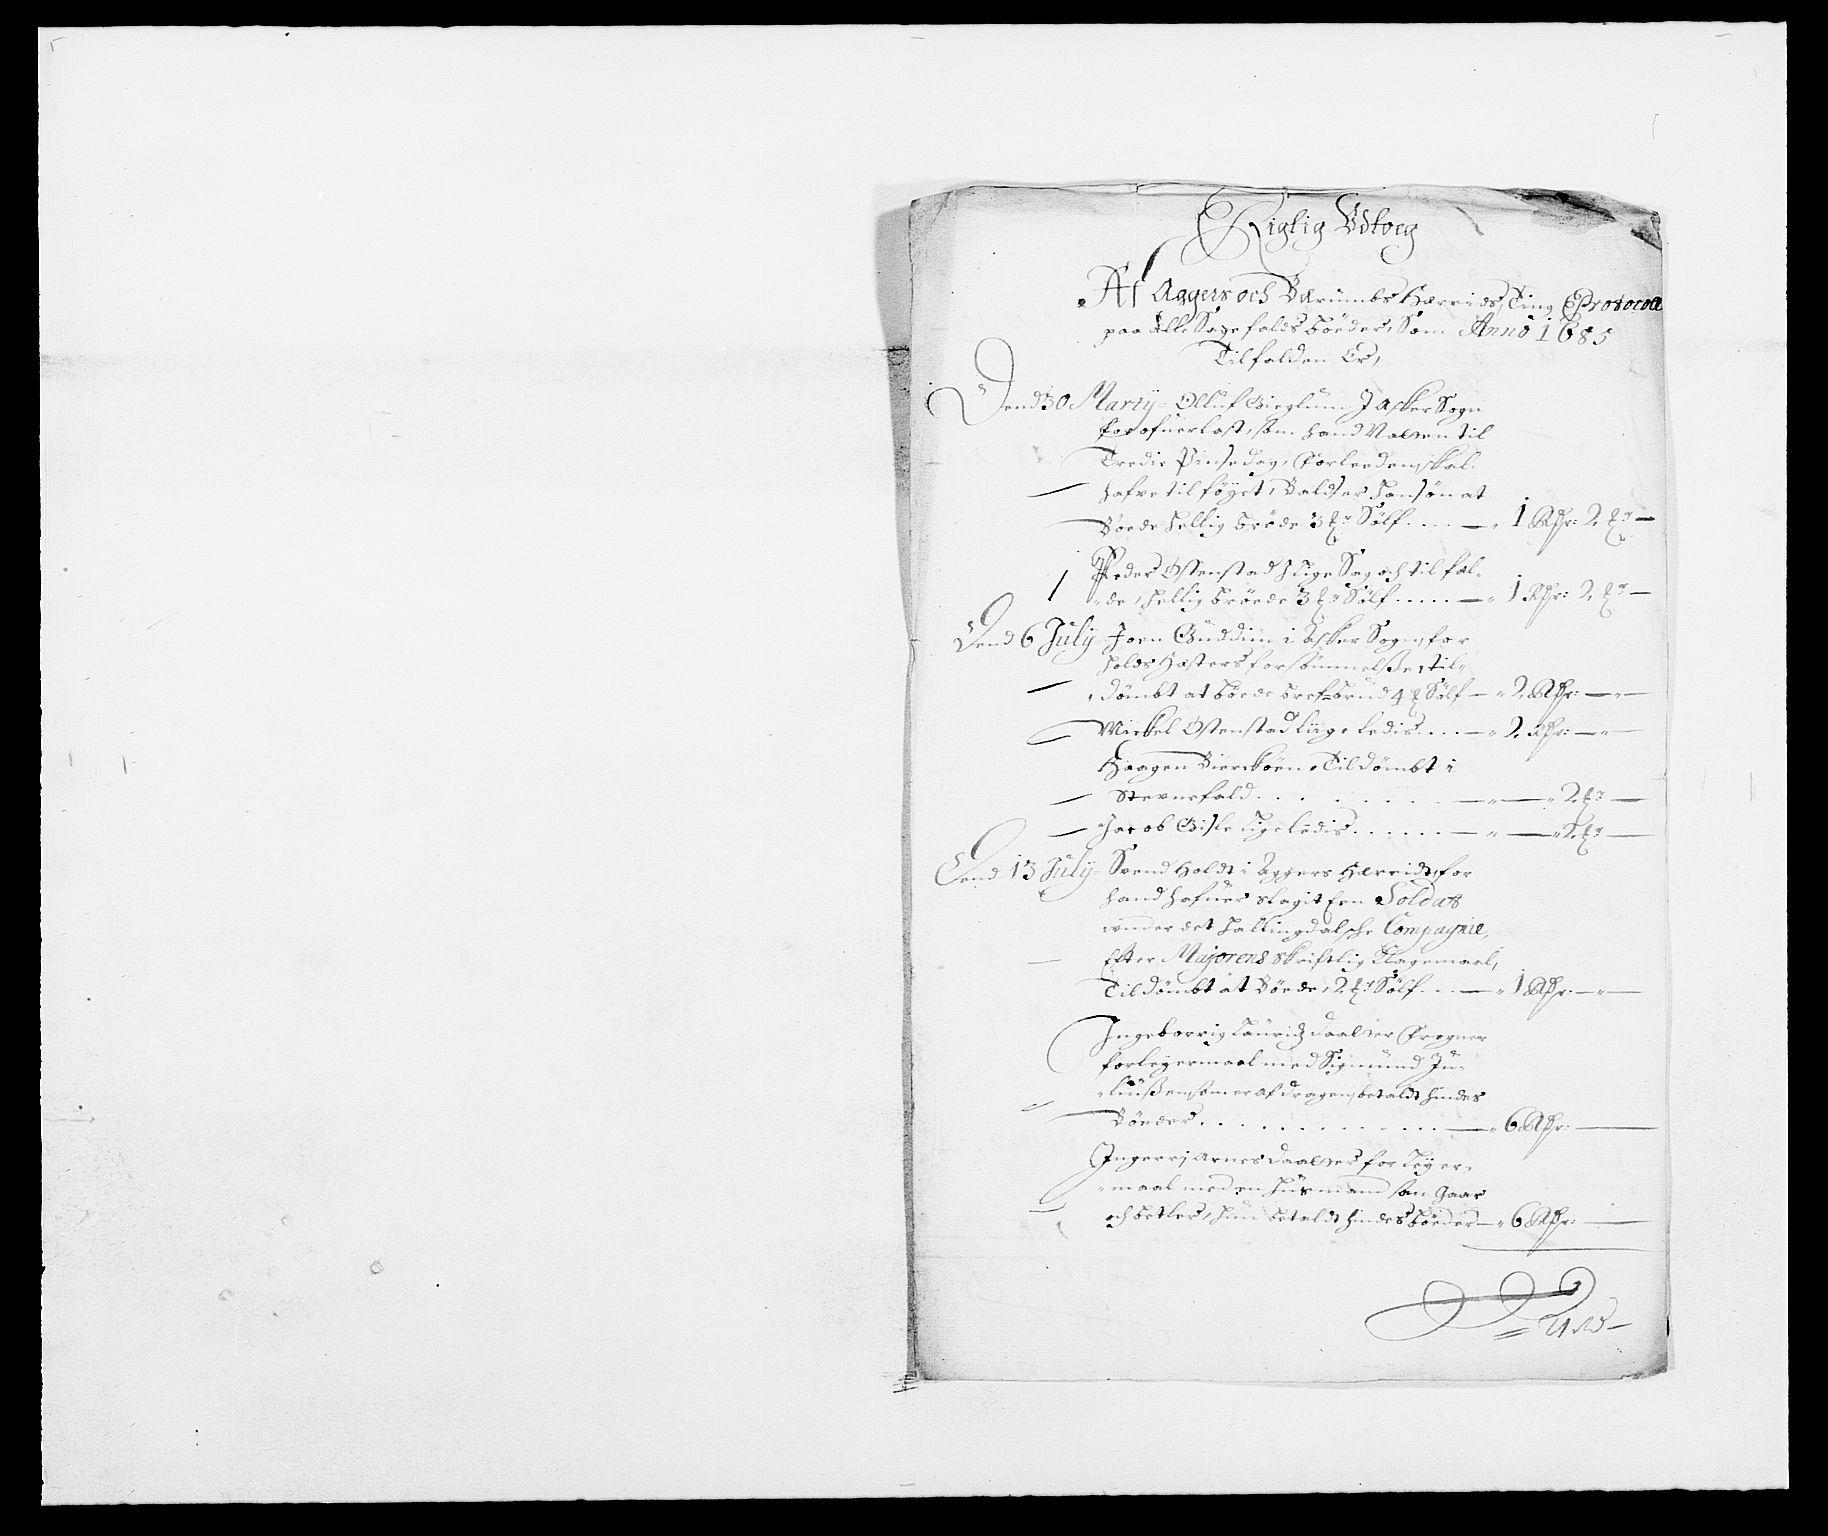 RA, Rentekammeret inntil 1814, Reviderte regnskaper, Fogderegnskap, R08/L0421: Fogderegnskap Aker, 1682-1683, s. 140